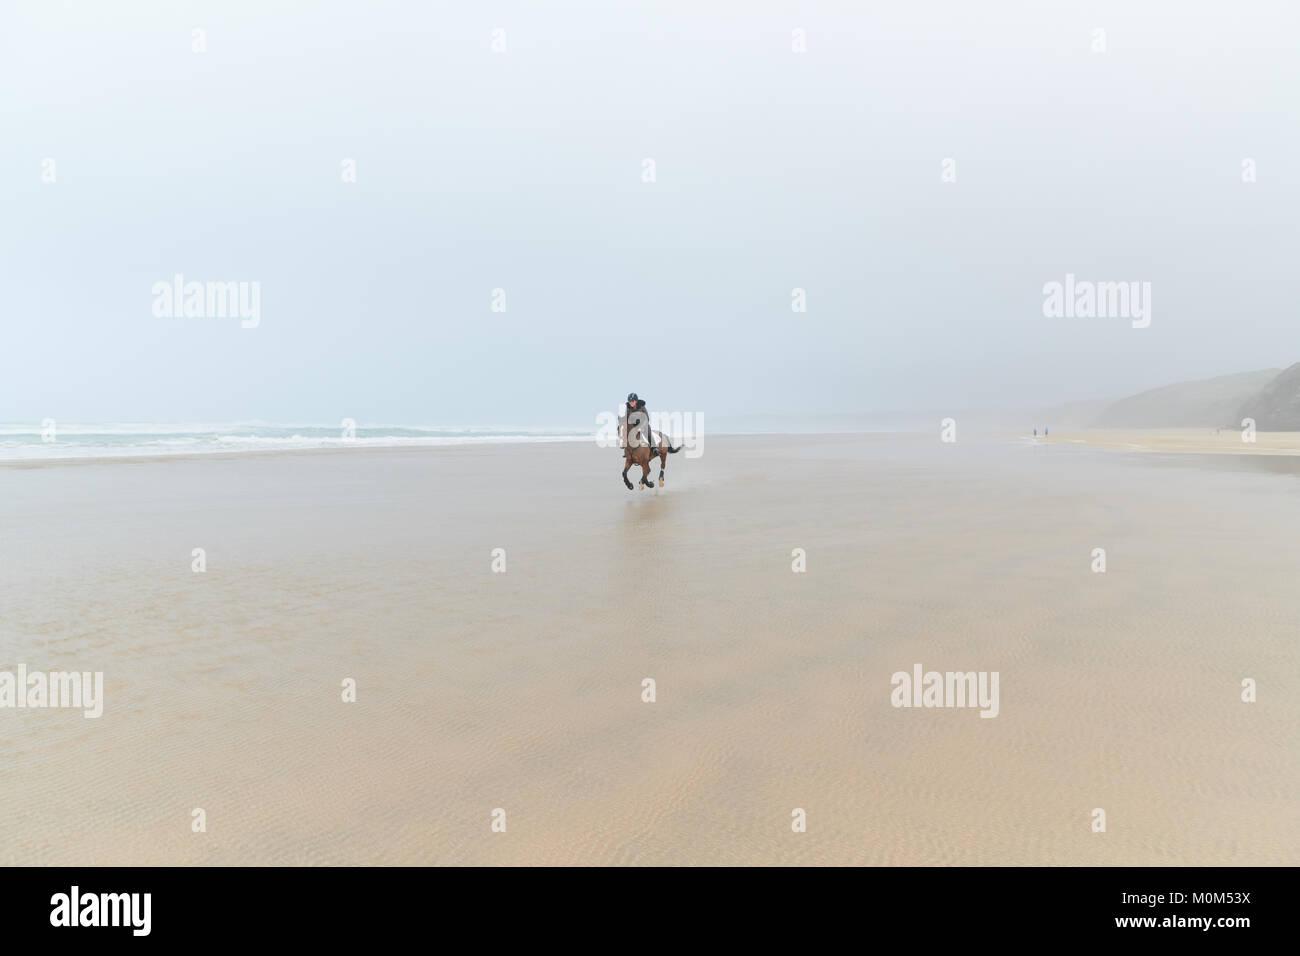 Pferd Reiter reiten auf die Kamera aus der Entfernung über die Ebbe. Schöne Mischung am Horizont mit dem Stockbild